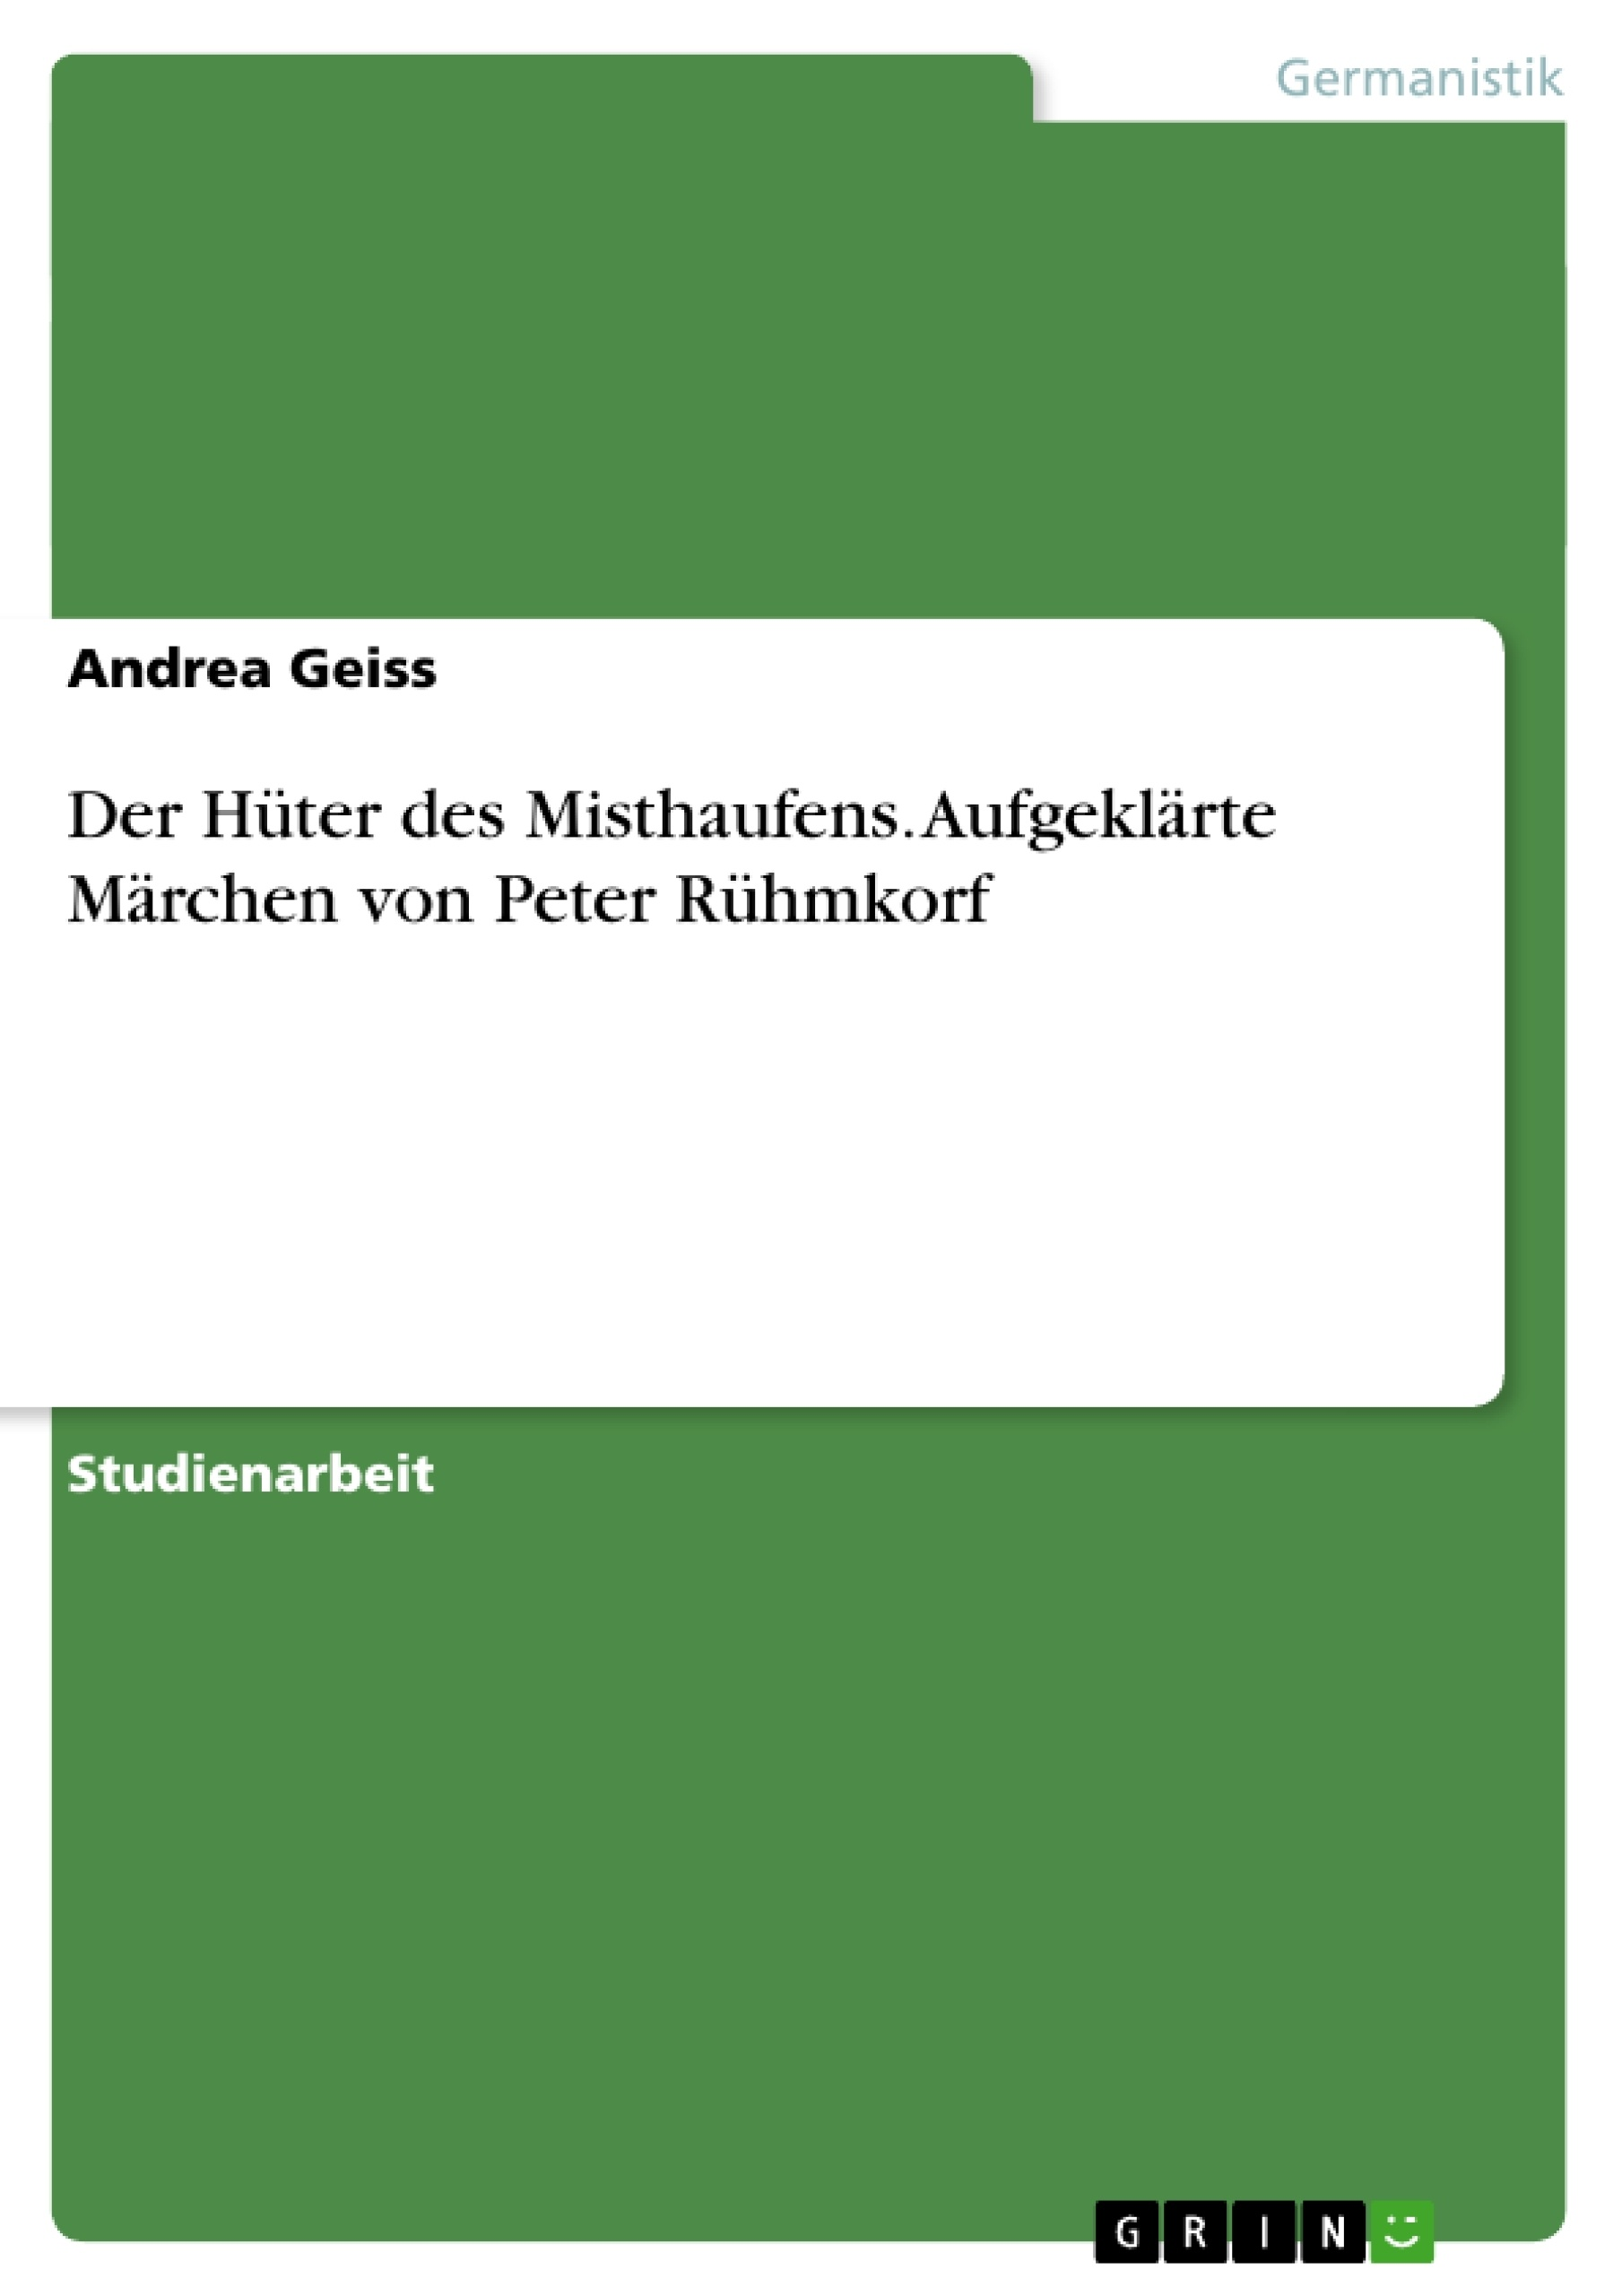 Titel: Der Hüter des Misthaufens. Aufgeklärte Märchen von Peter Rühmkorf